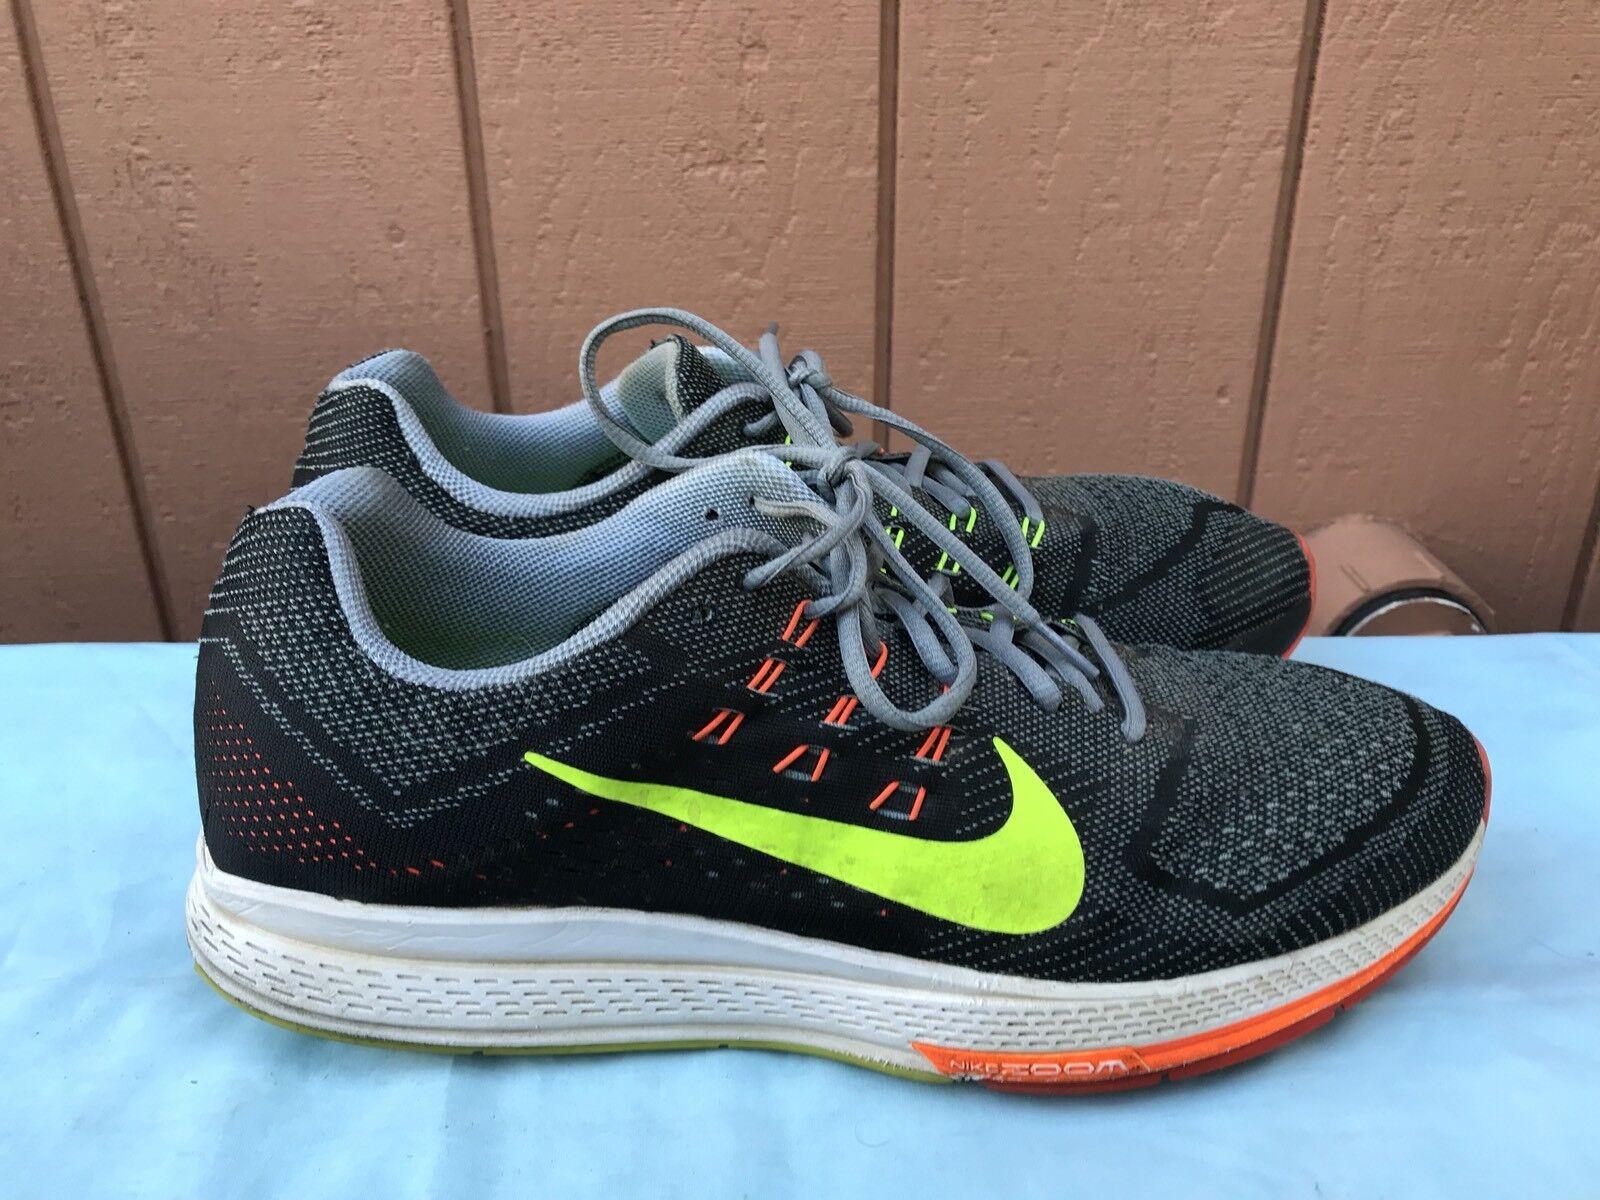 Nike Air Zoom Structure 18 Zapatillas de Running Hombre, Color